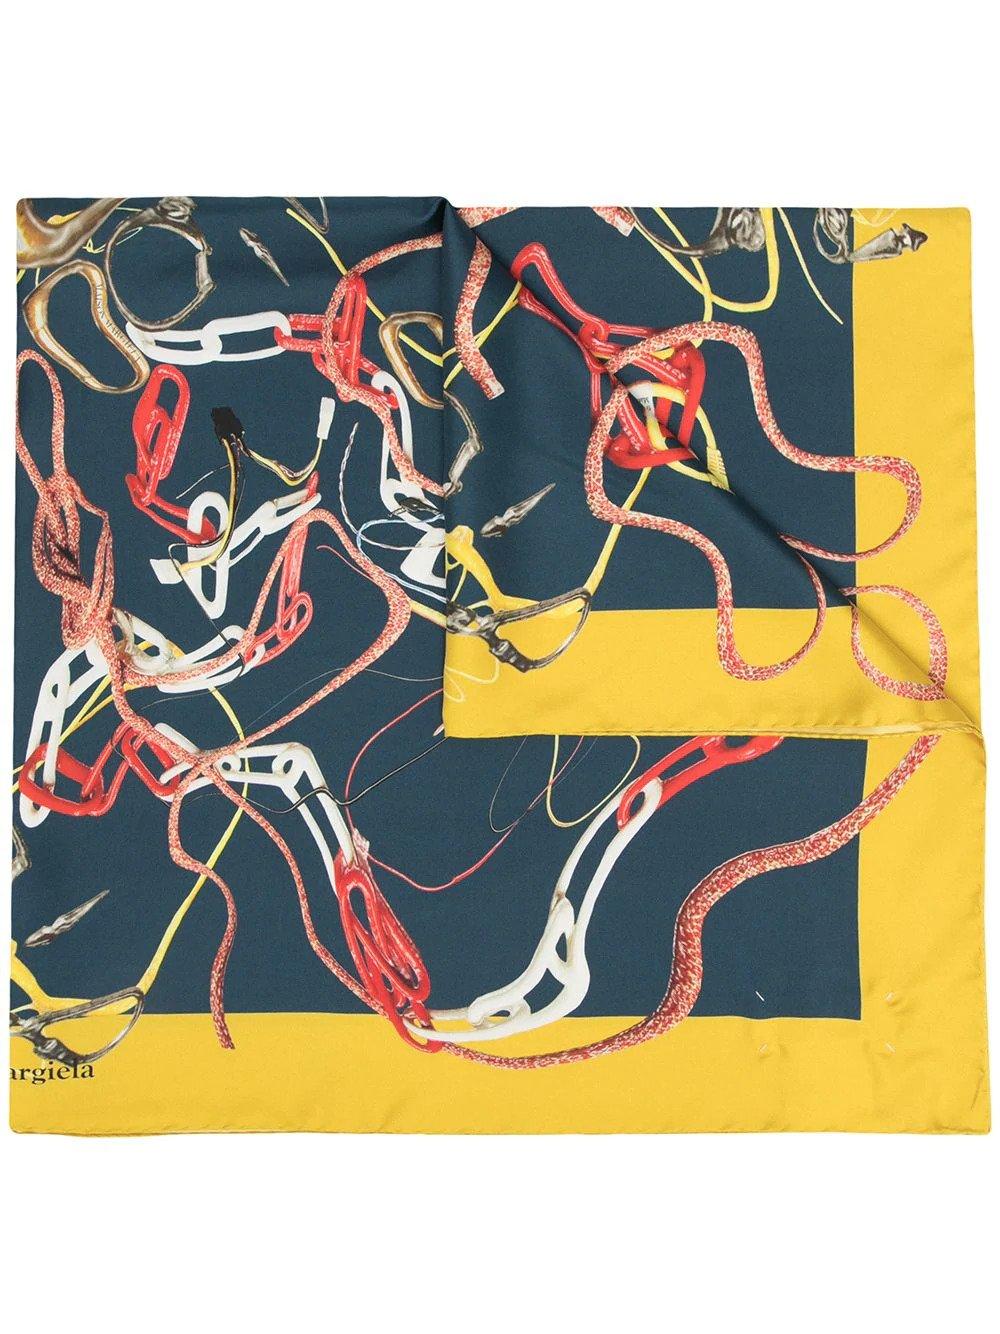 Maison Margiela, Graphic print pattern scarf, от 670лв на 400лв